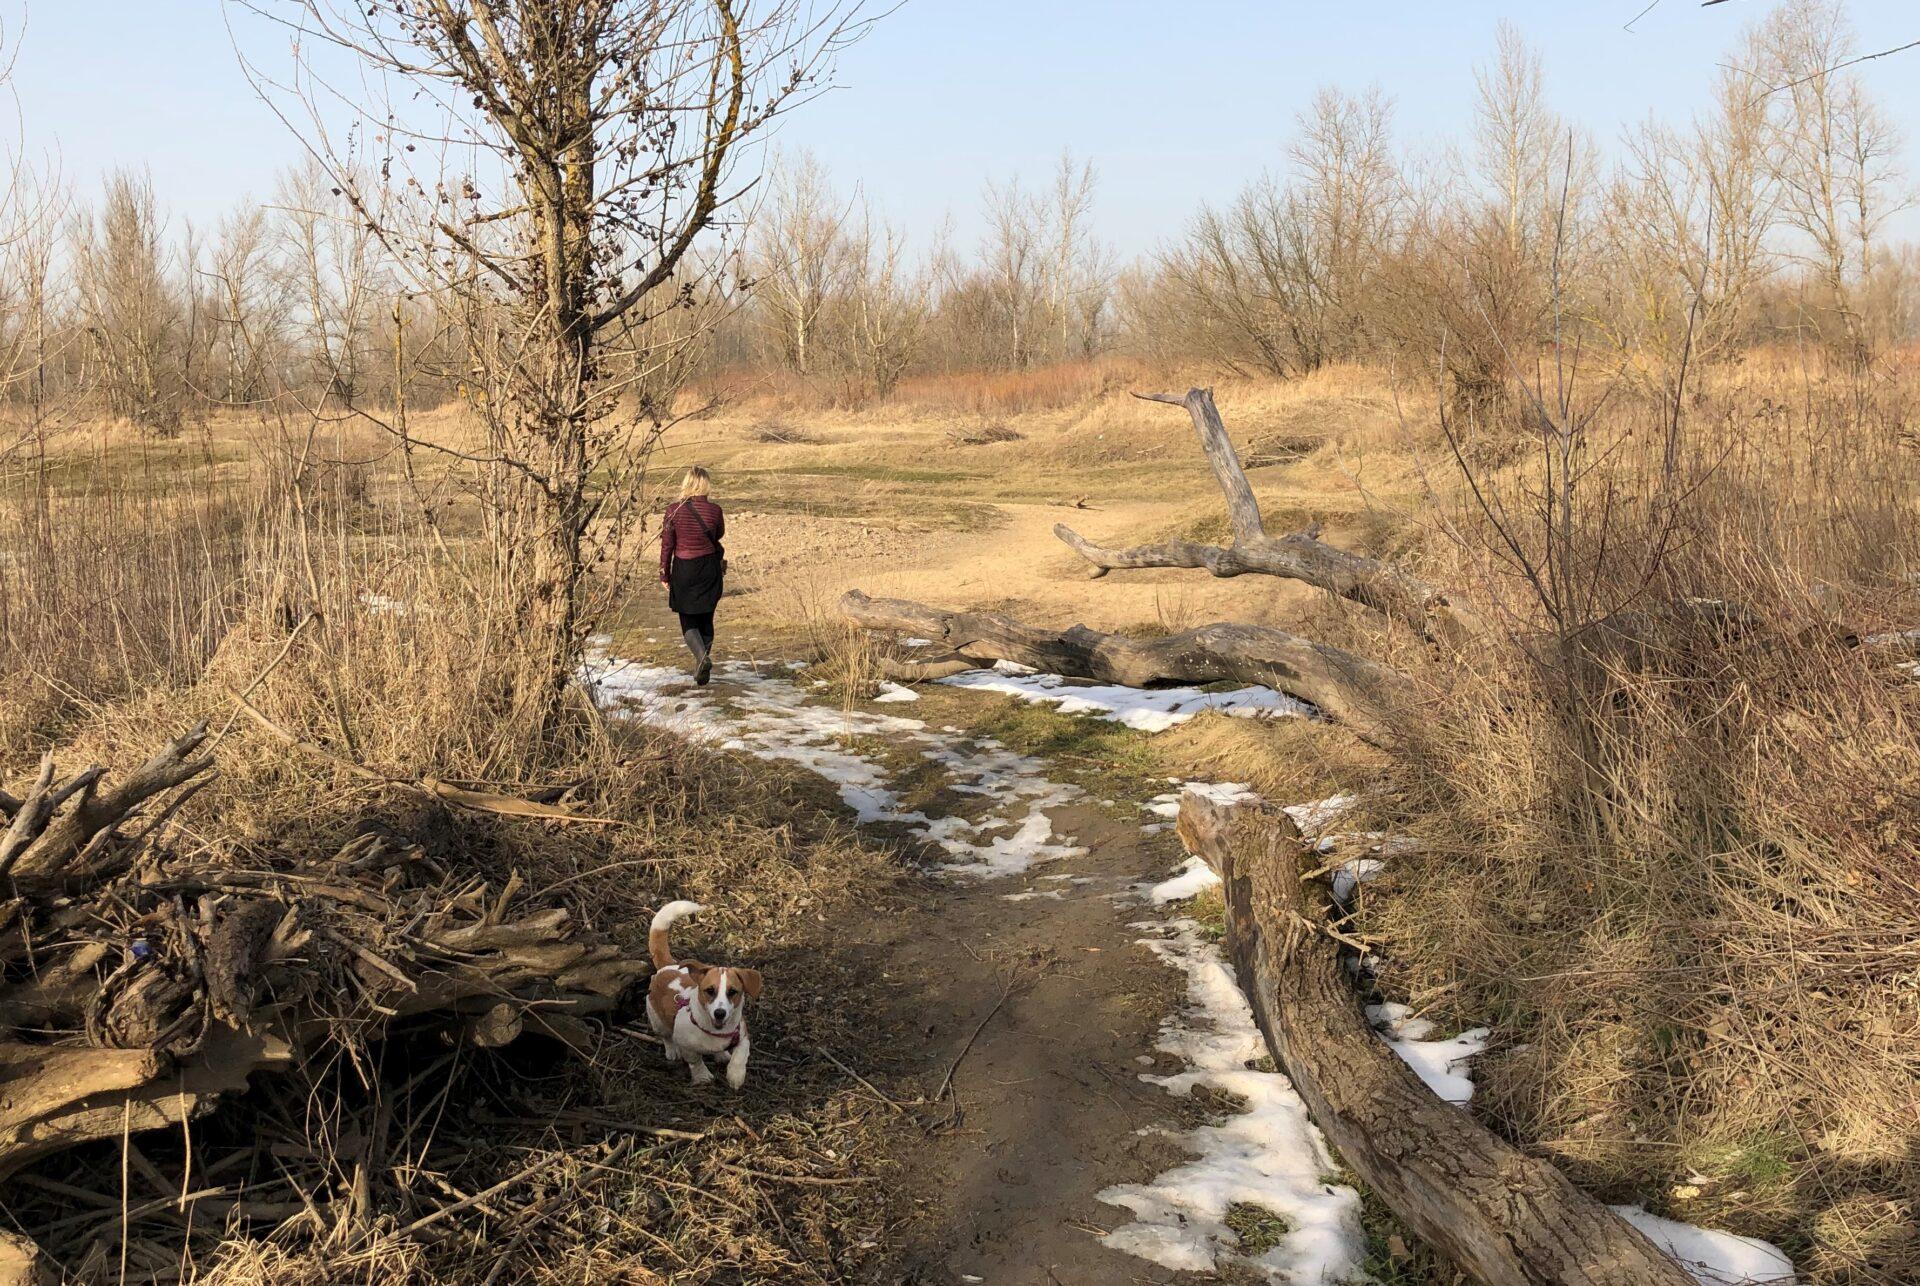 Zdjęcie. Nazewnątrz kobieta spaceruje zpsem połące pokrytej gdzieniegdzie śniegiem.